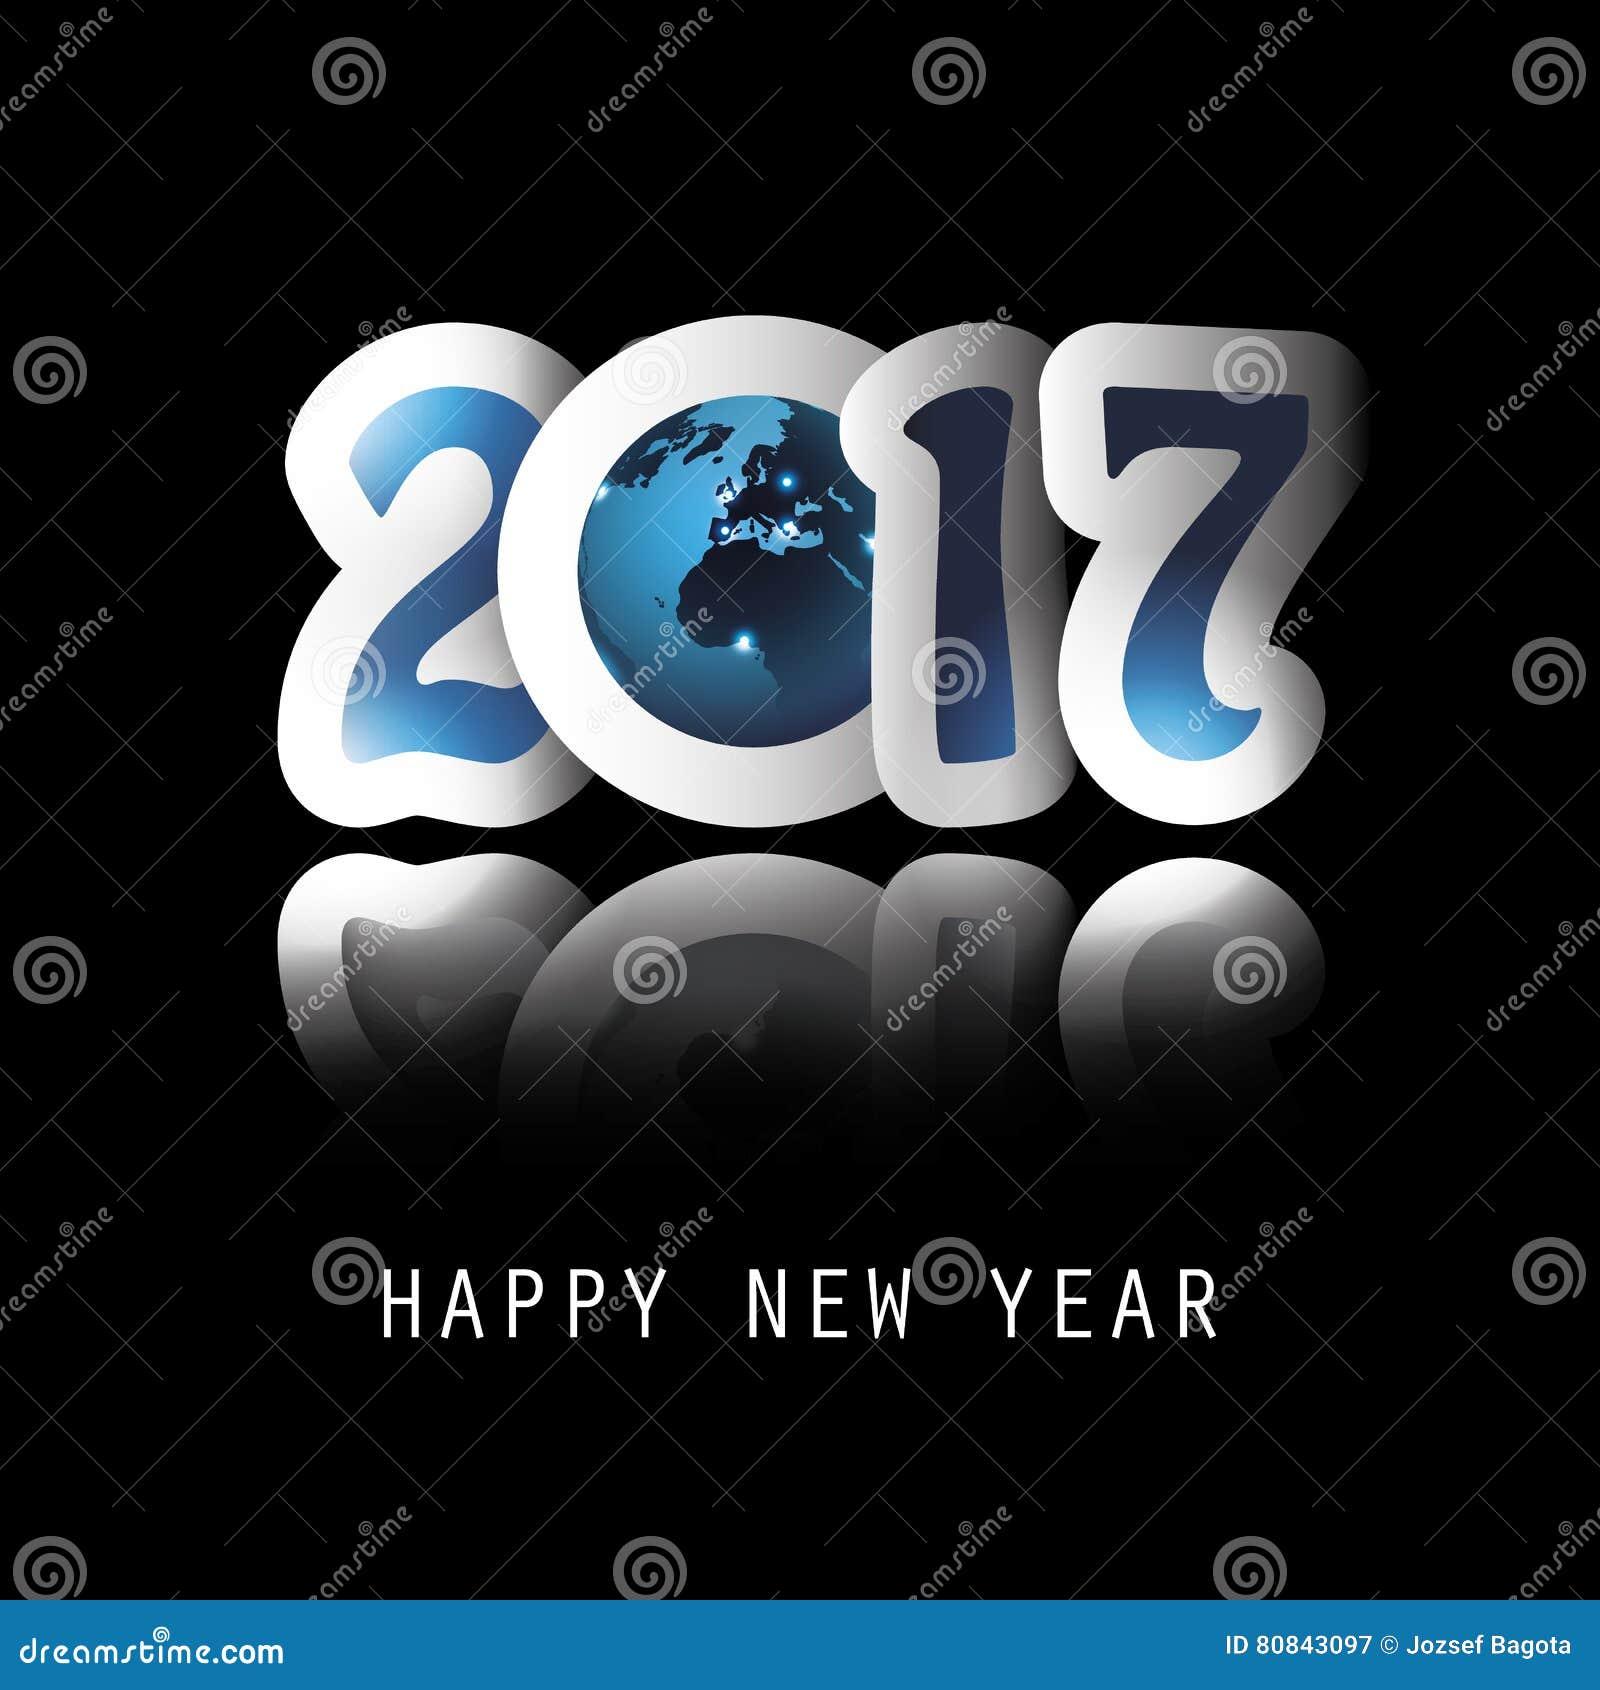 Feiern Sie Neues Jahr Alles Auf Der Ganzen Welt - Gruß-Karten-oder ...